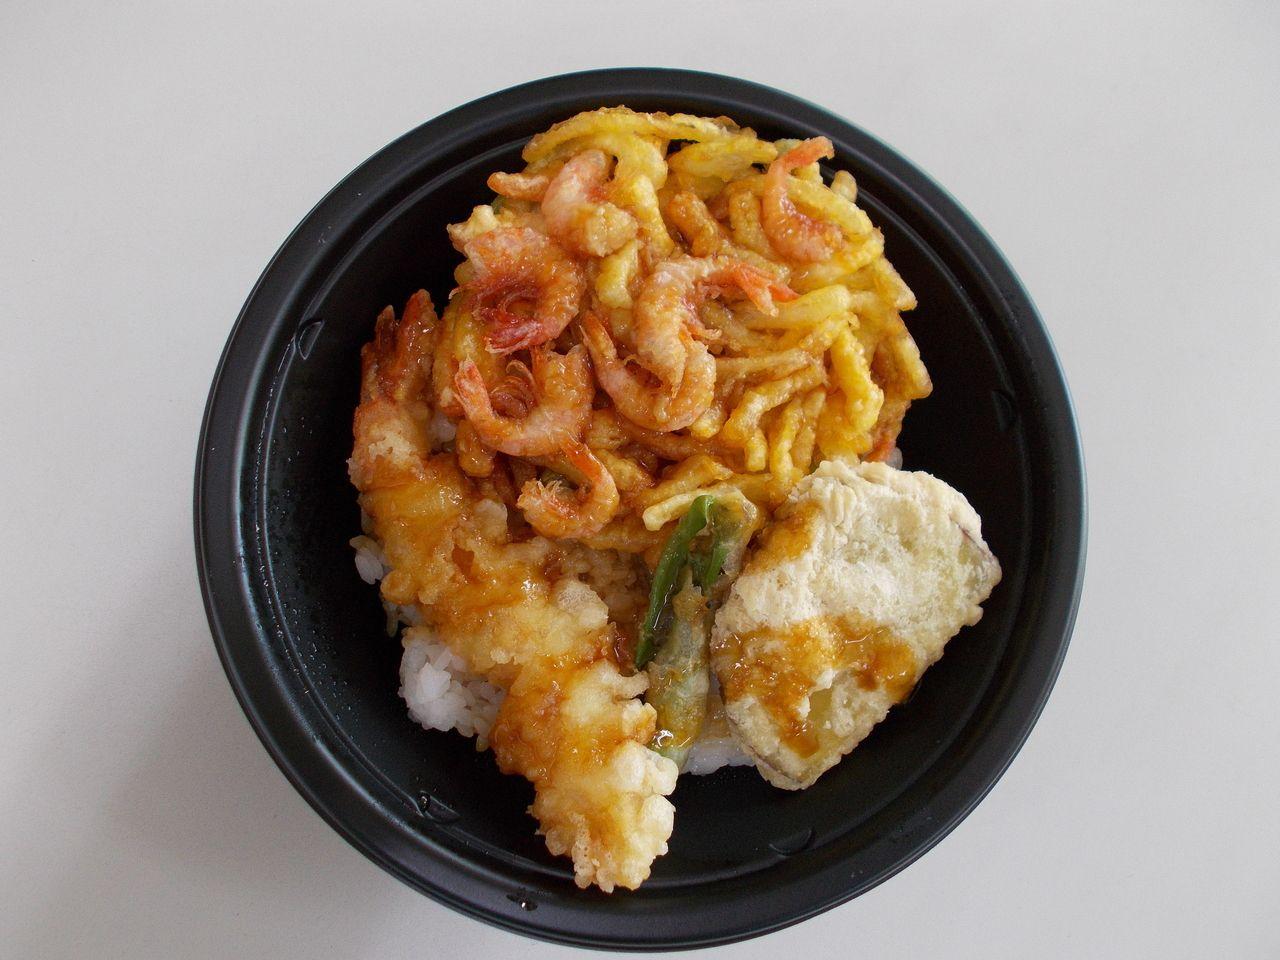 エビのかき揚げ、エビ(1尾)、さつまいも、オクラの天ぷらで構成される丼です。